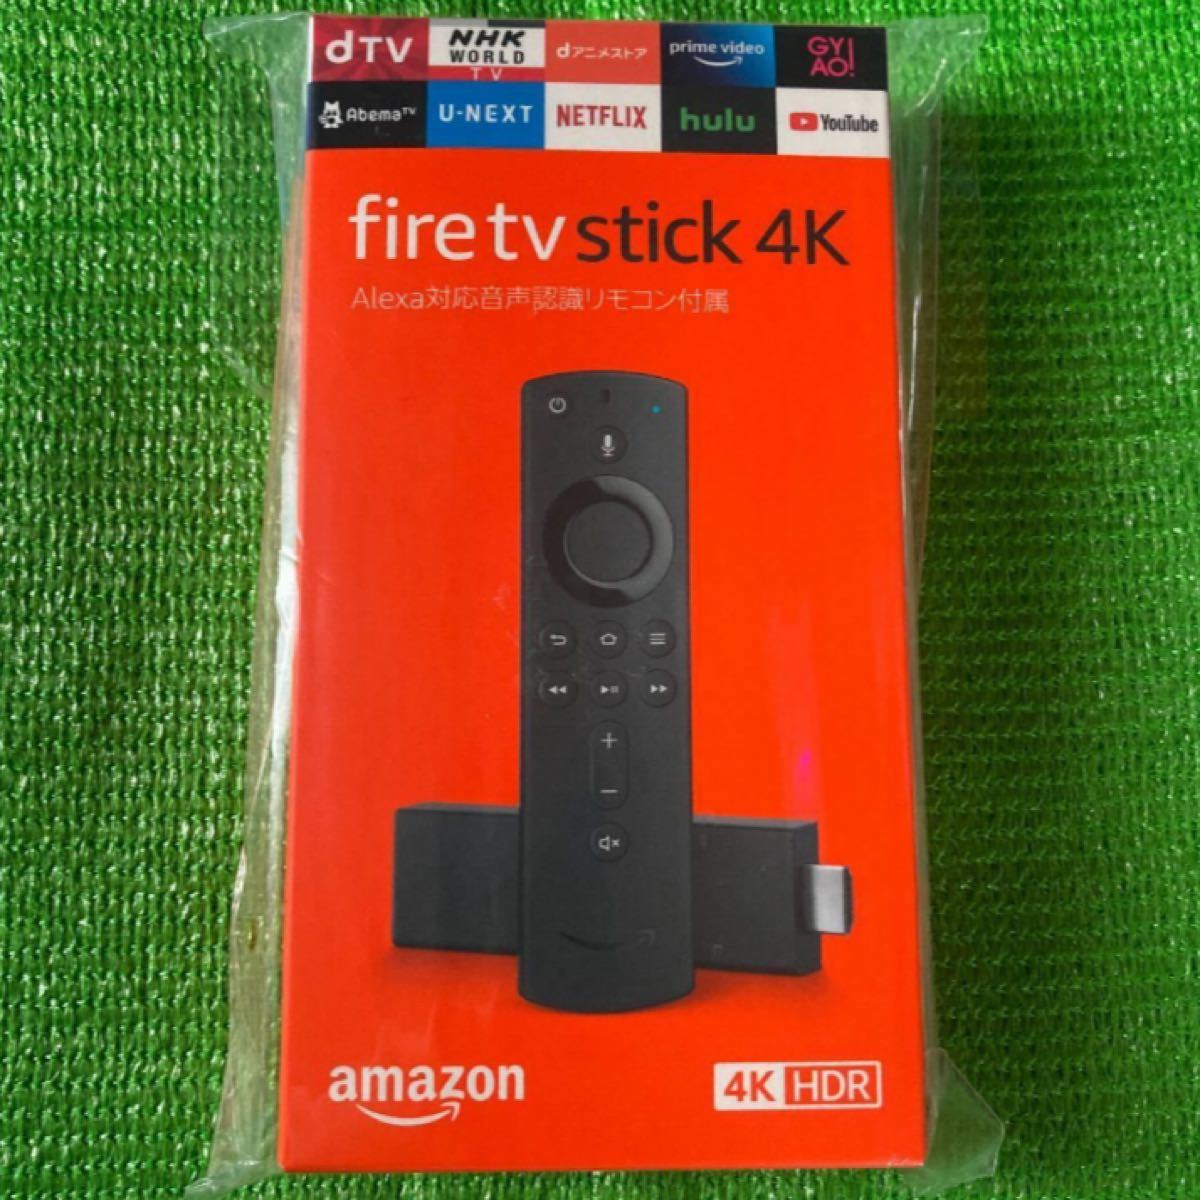 【新品・未開封】fire tv stick 4K Amazon